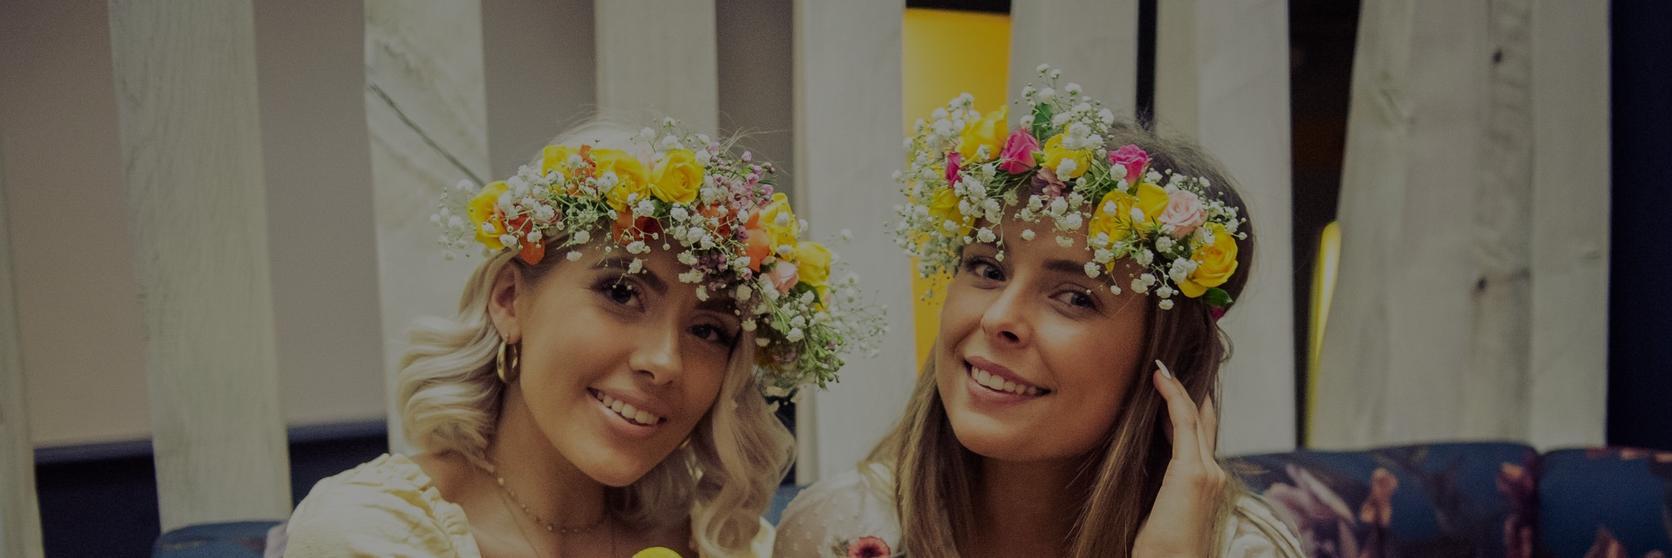 Flower-Crowns-1